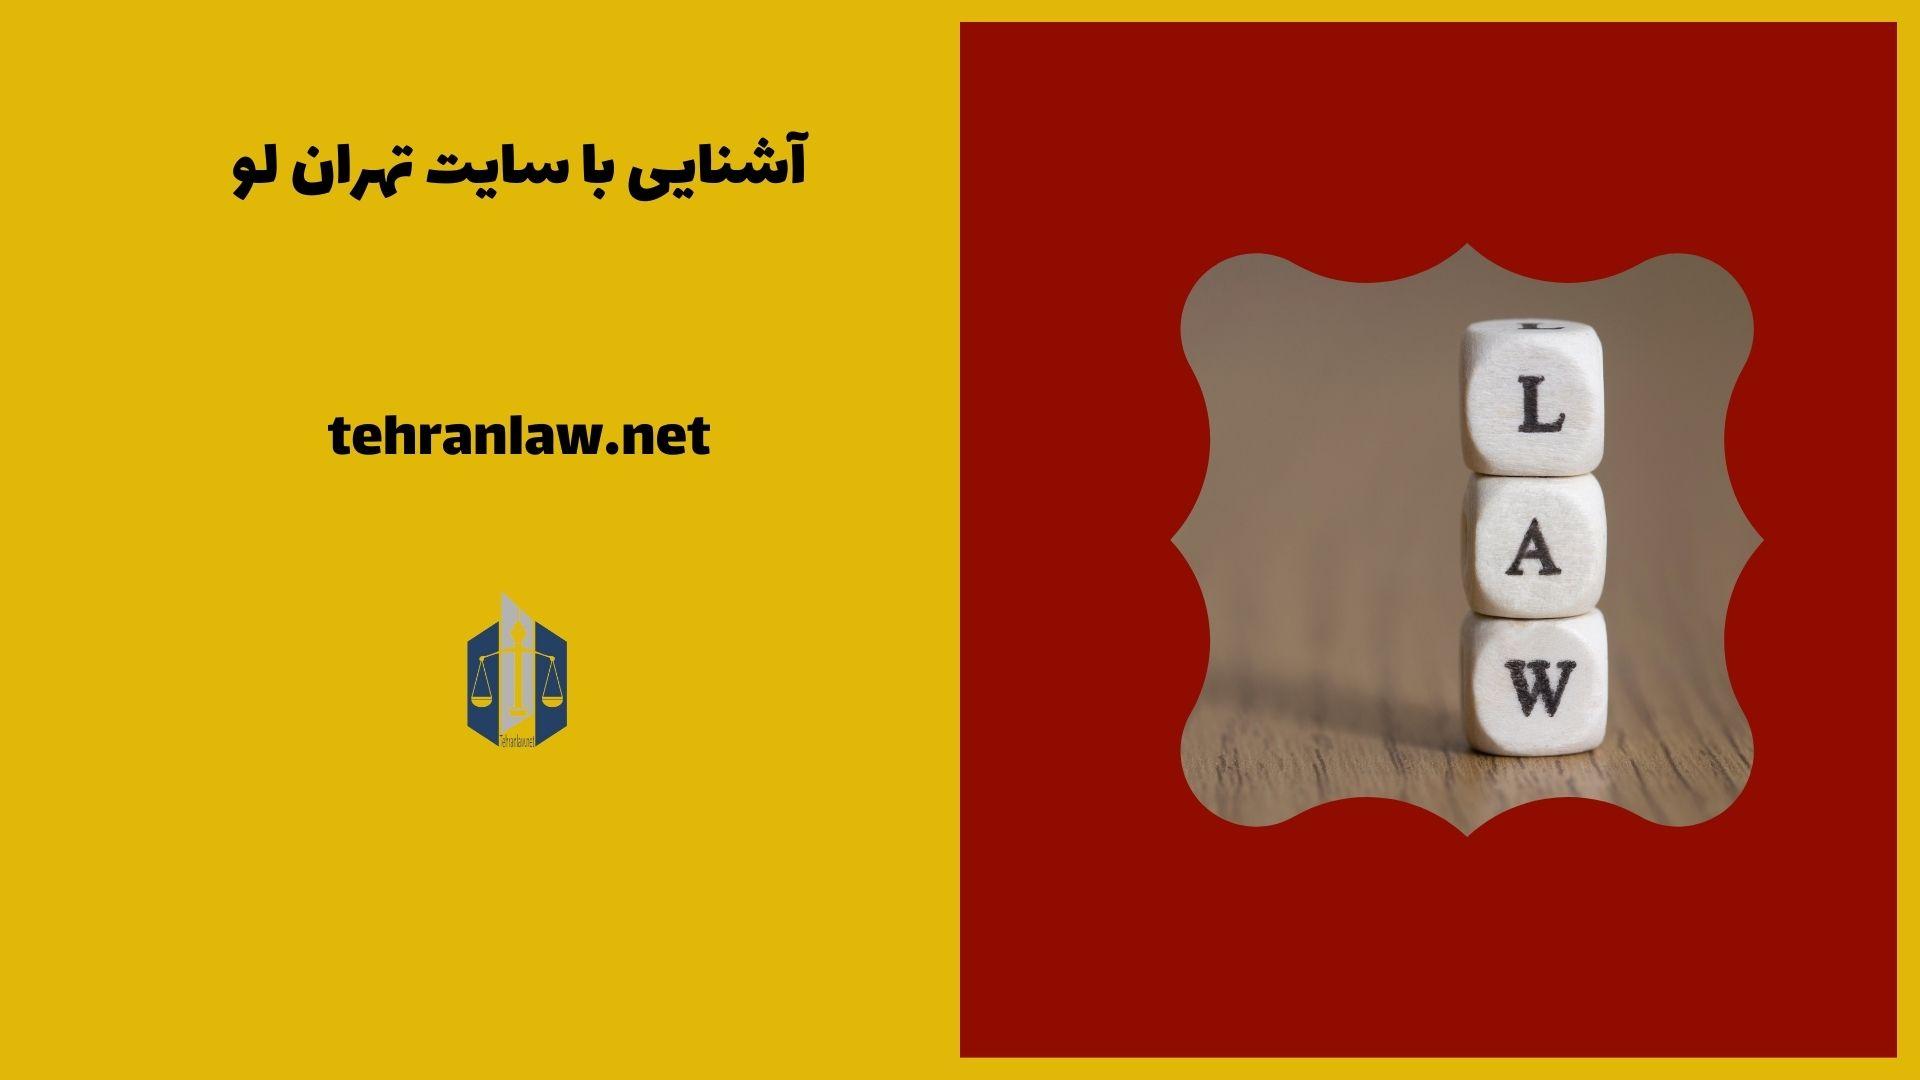 آشنایی با سایت تهران لو